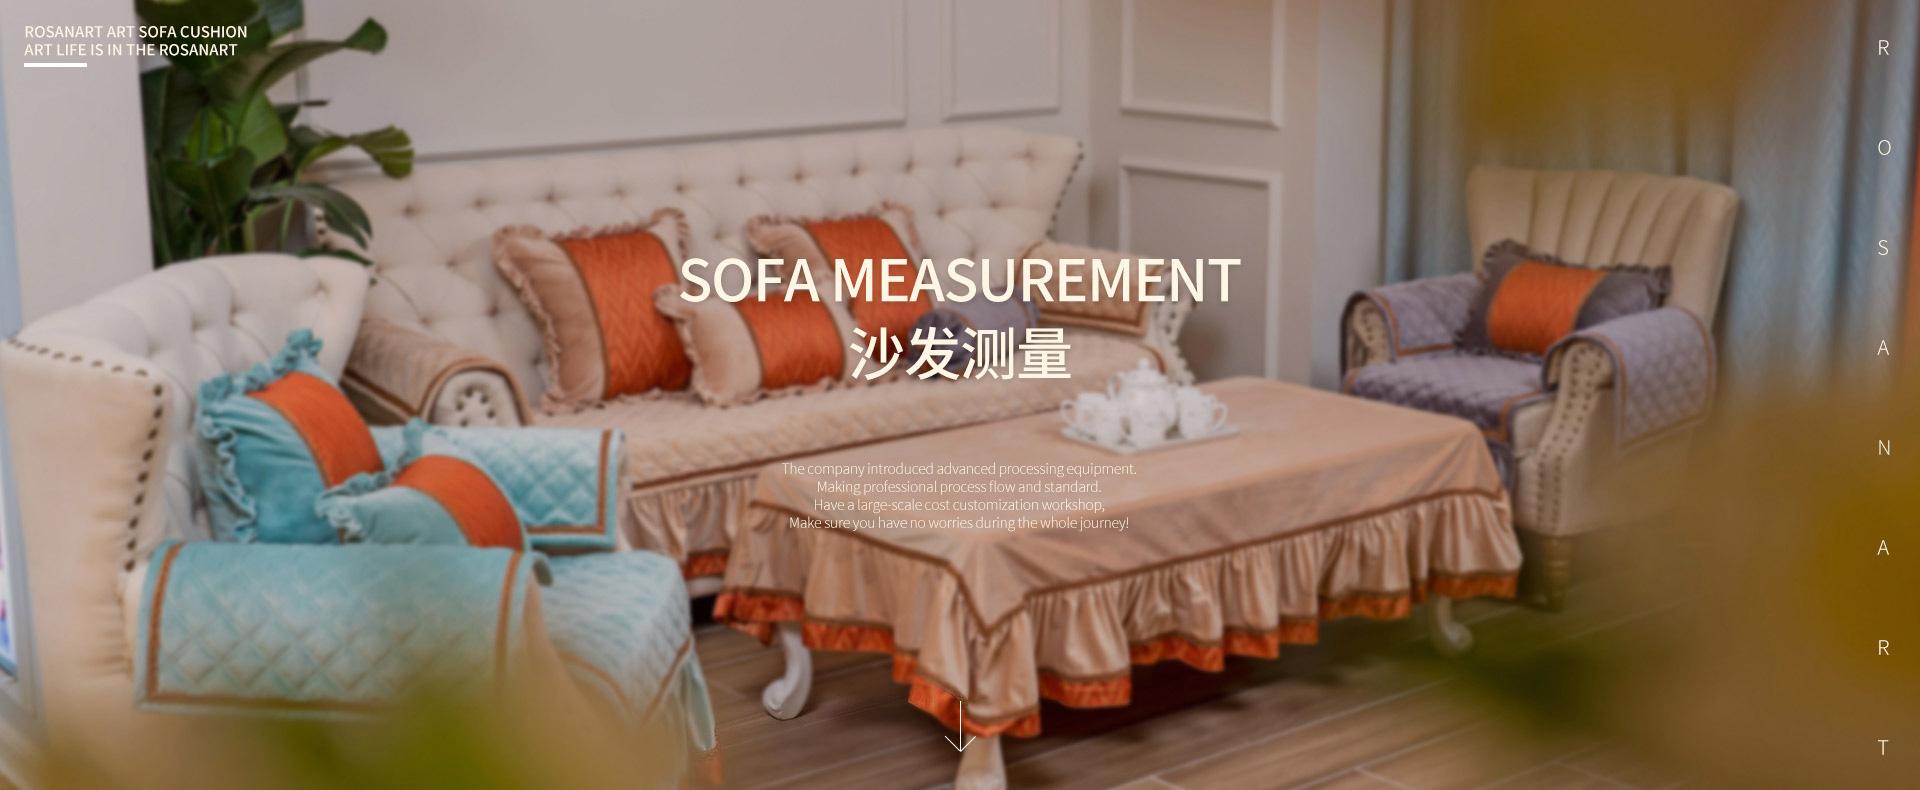 沙发测量方式